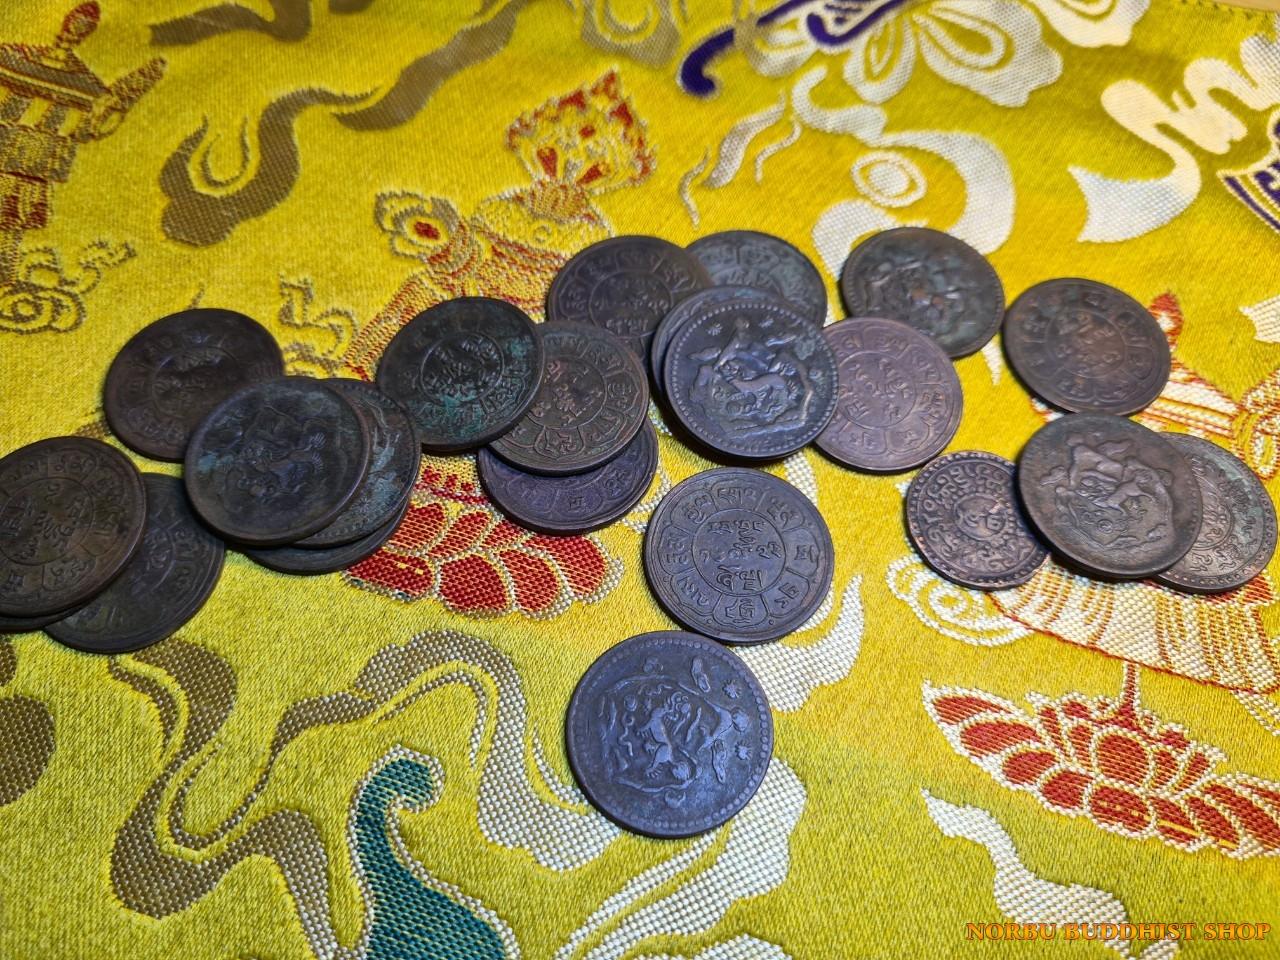 Old coin Tibet - tiền xu cổ Tây Tạng thời xưa 3